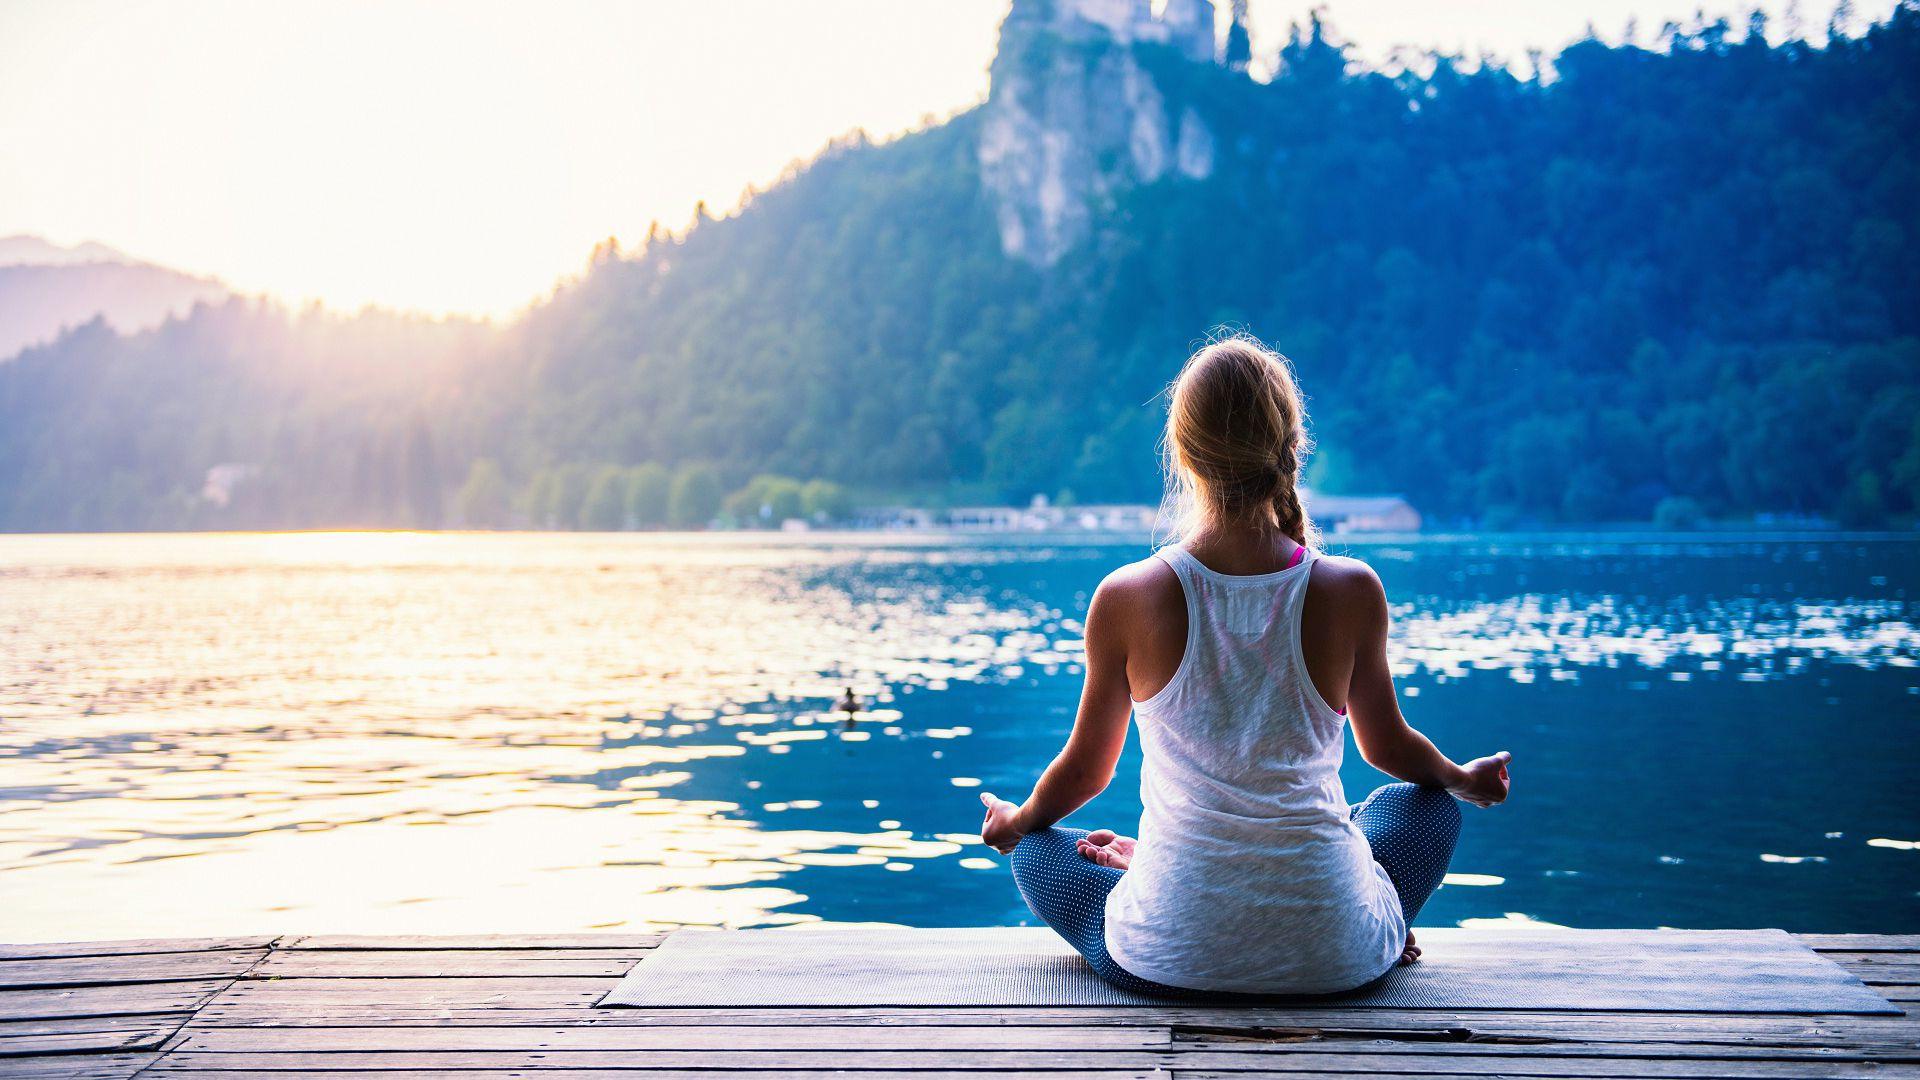 Meditation Wallpaper Image